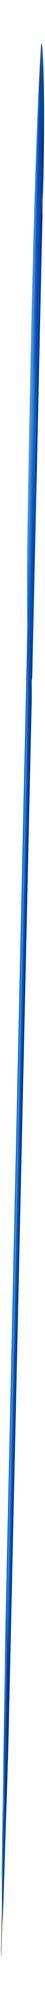 Ручка шариковая Prodir DS3 TFF Ring, голубая с серым